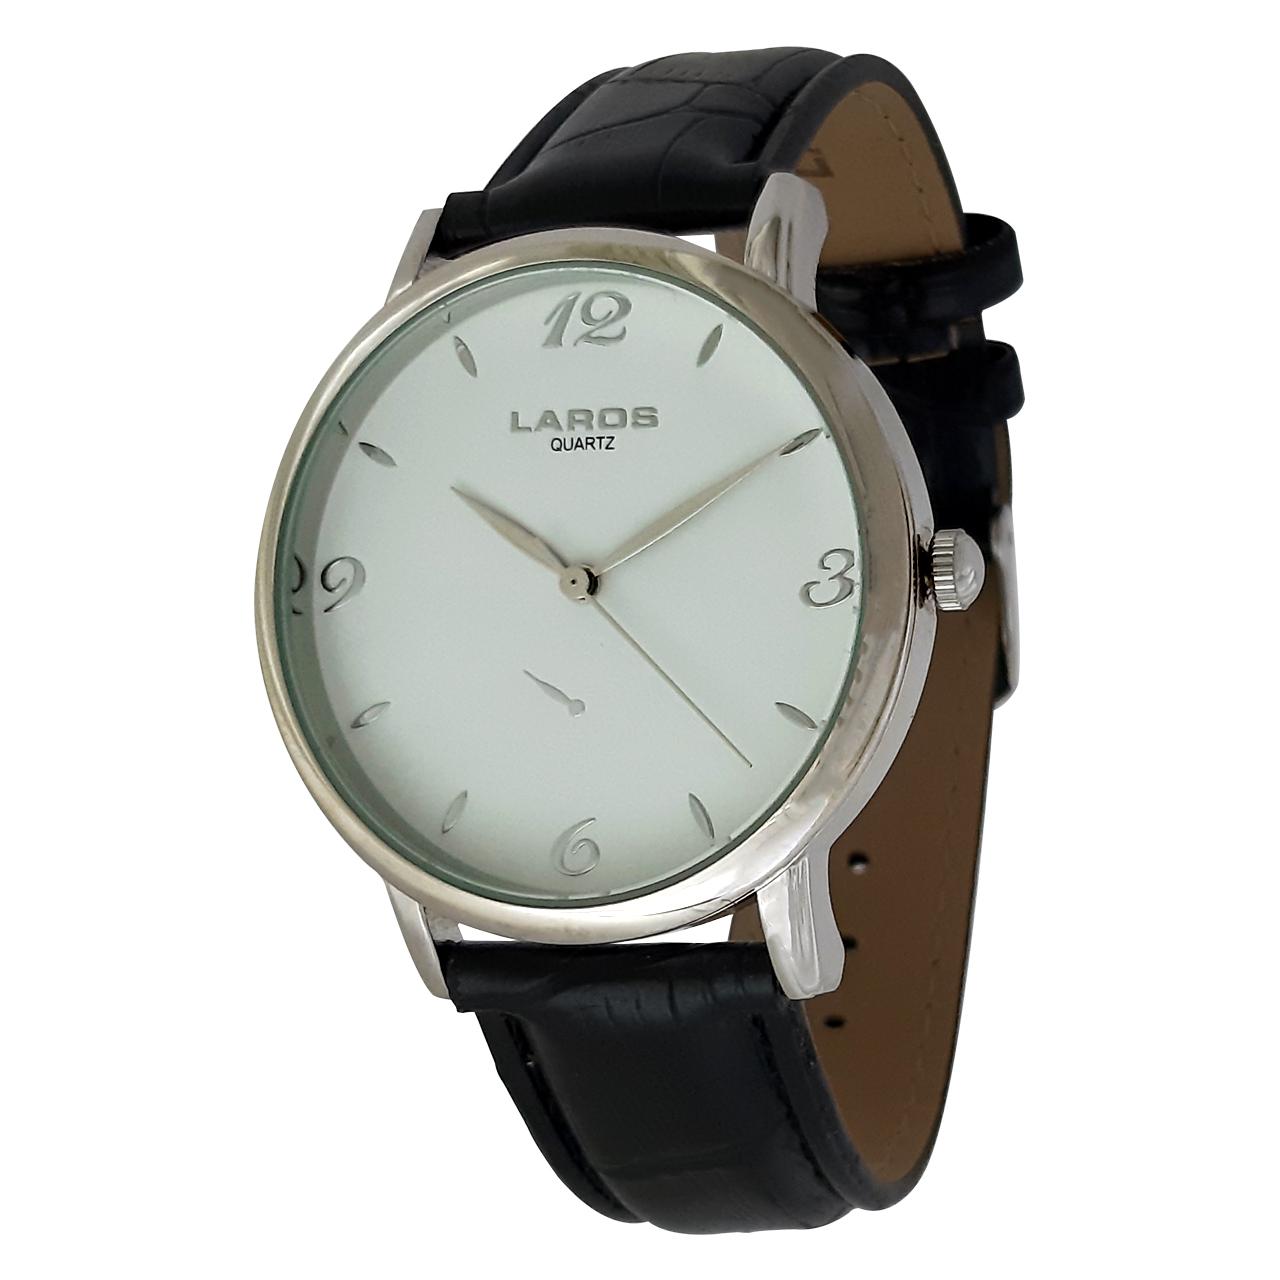 ساعت مچی عقربه ای مردانه لاروس مدل0517-79997-s به همراه دستمال مخصوص برند کلین واچ 8